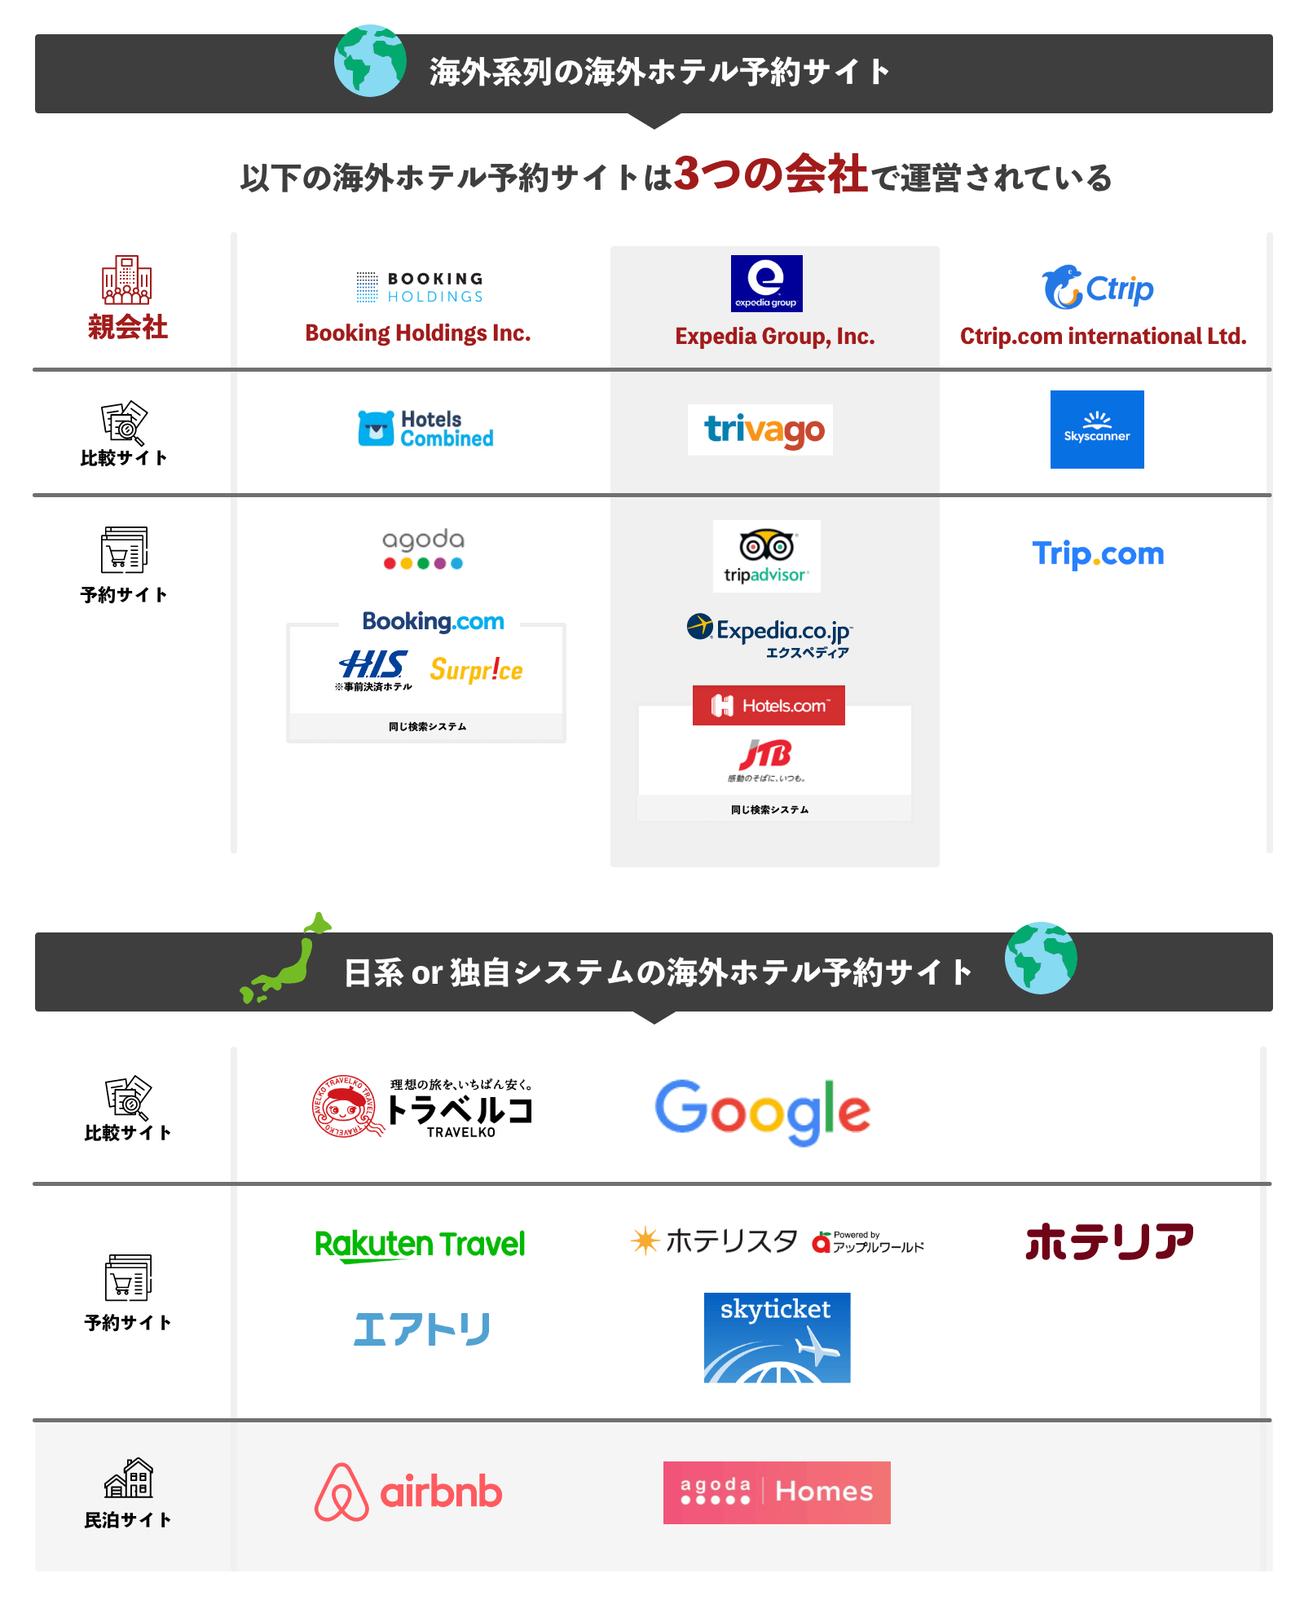 日本で人気のある21サービスを分別した画像。12サイトが海外系列の会社で、この12サイトは3つの会社で運営されています。残りの9サイトは日経もしくは独自システムを使った海外系列です。